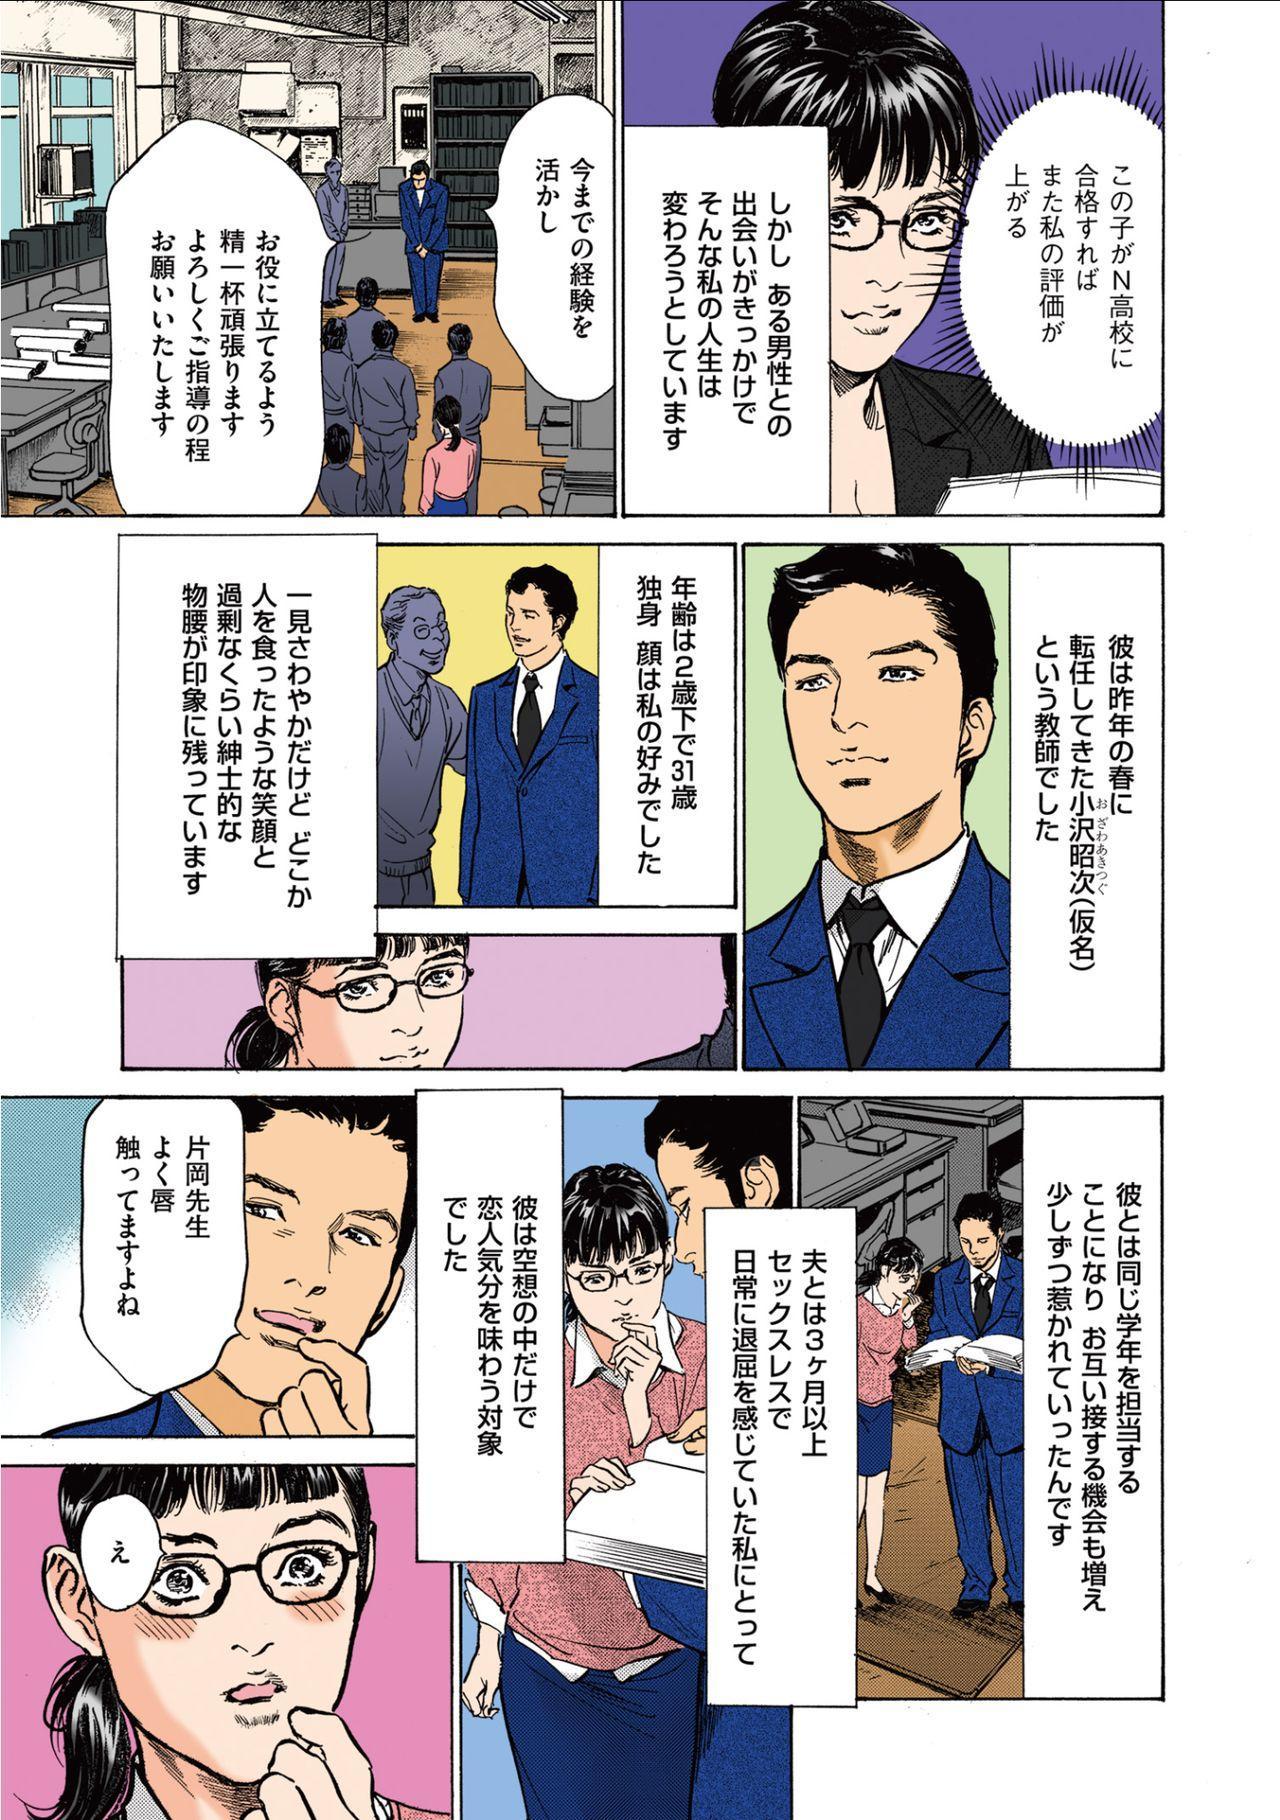 [Hazuki Kaoru] Hazuki Kaoru no Tamaranai Hanashi (Full Color Version) 1-2 38